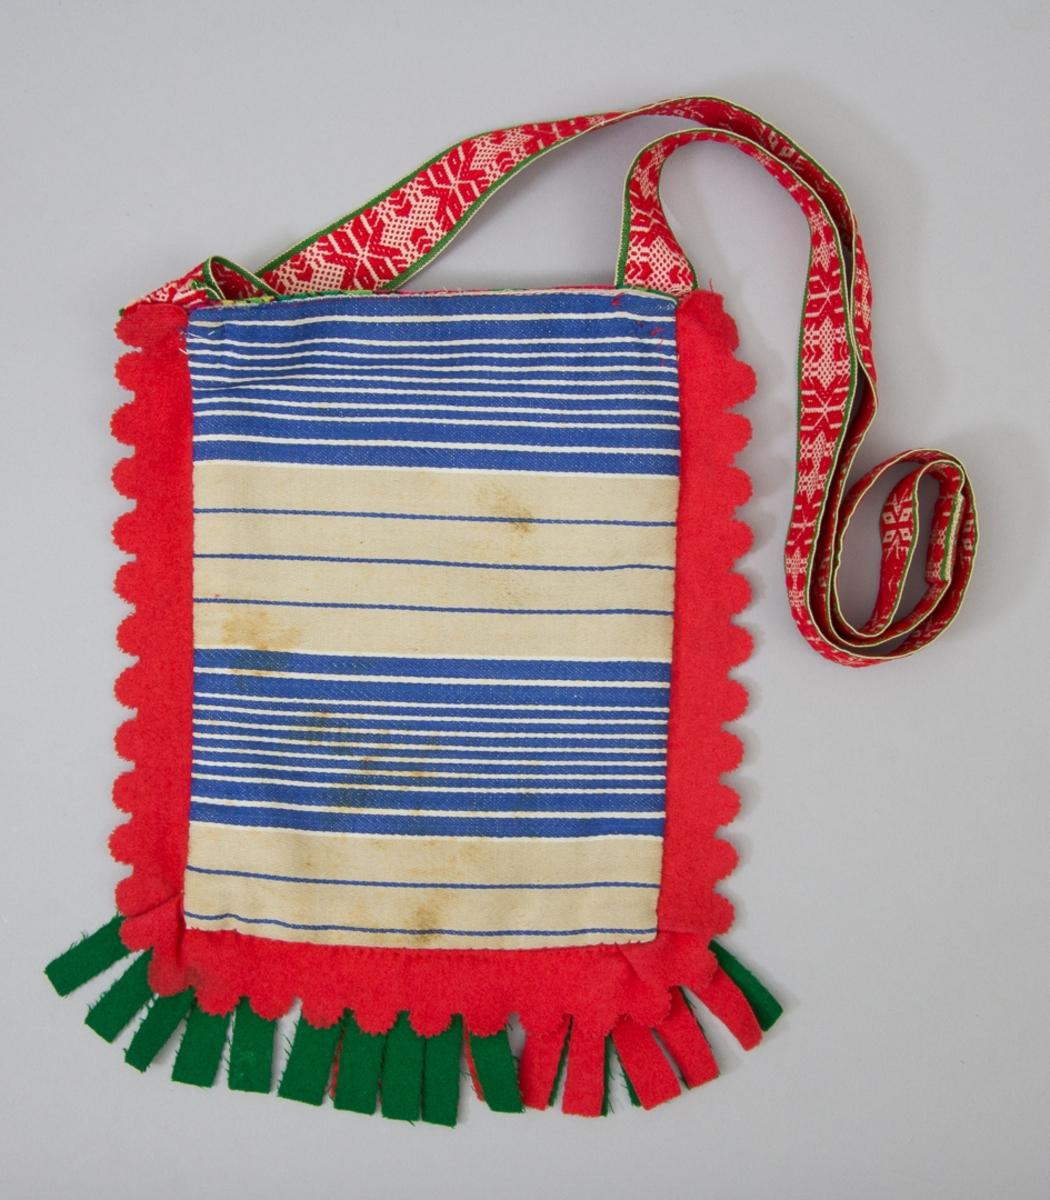 """Kjolsäck till dräkt för kvinna från Rättviks socken, Dalarna. Modell med avskuret framstycke. Tillverkad av vitt fabriksvävt bomullstyg, satin, med applikationer av kläde i rött, grönt och mörkblått, fastsydda med kedjesöm och sticksöm. Centralt placerad hjärtblomma med olika ornament runtom. Broderi utfört med bomullsgarn i olika färger, sticksöm, flätsöm och knutsöm. Ovanför applikationerna en uddad remsa rött kläde med broderi, ovanför denna en """"grind"""" flätad av smala remsor rött och grönt kläde samt vitt diagonalvävt band. I sido- och bottensömmen en inlagd remsa rött kläde, där ytterkanten är klippt i udddar. Tre tofsar klippta av rött och grönt kläde fästa i bottensömmen. Foder och bakstycke av samma fabriksvävda tyg av bomull, vävt i satin med bolstervarsrandning i blått, beige och vitt. Överstycke av yllemuslin med tryckt mönster i många färger på grön botten. Axel- eller midjeband handvävt, med plockat mönster av rött ullgarn på vit botten."""